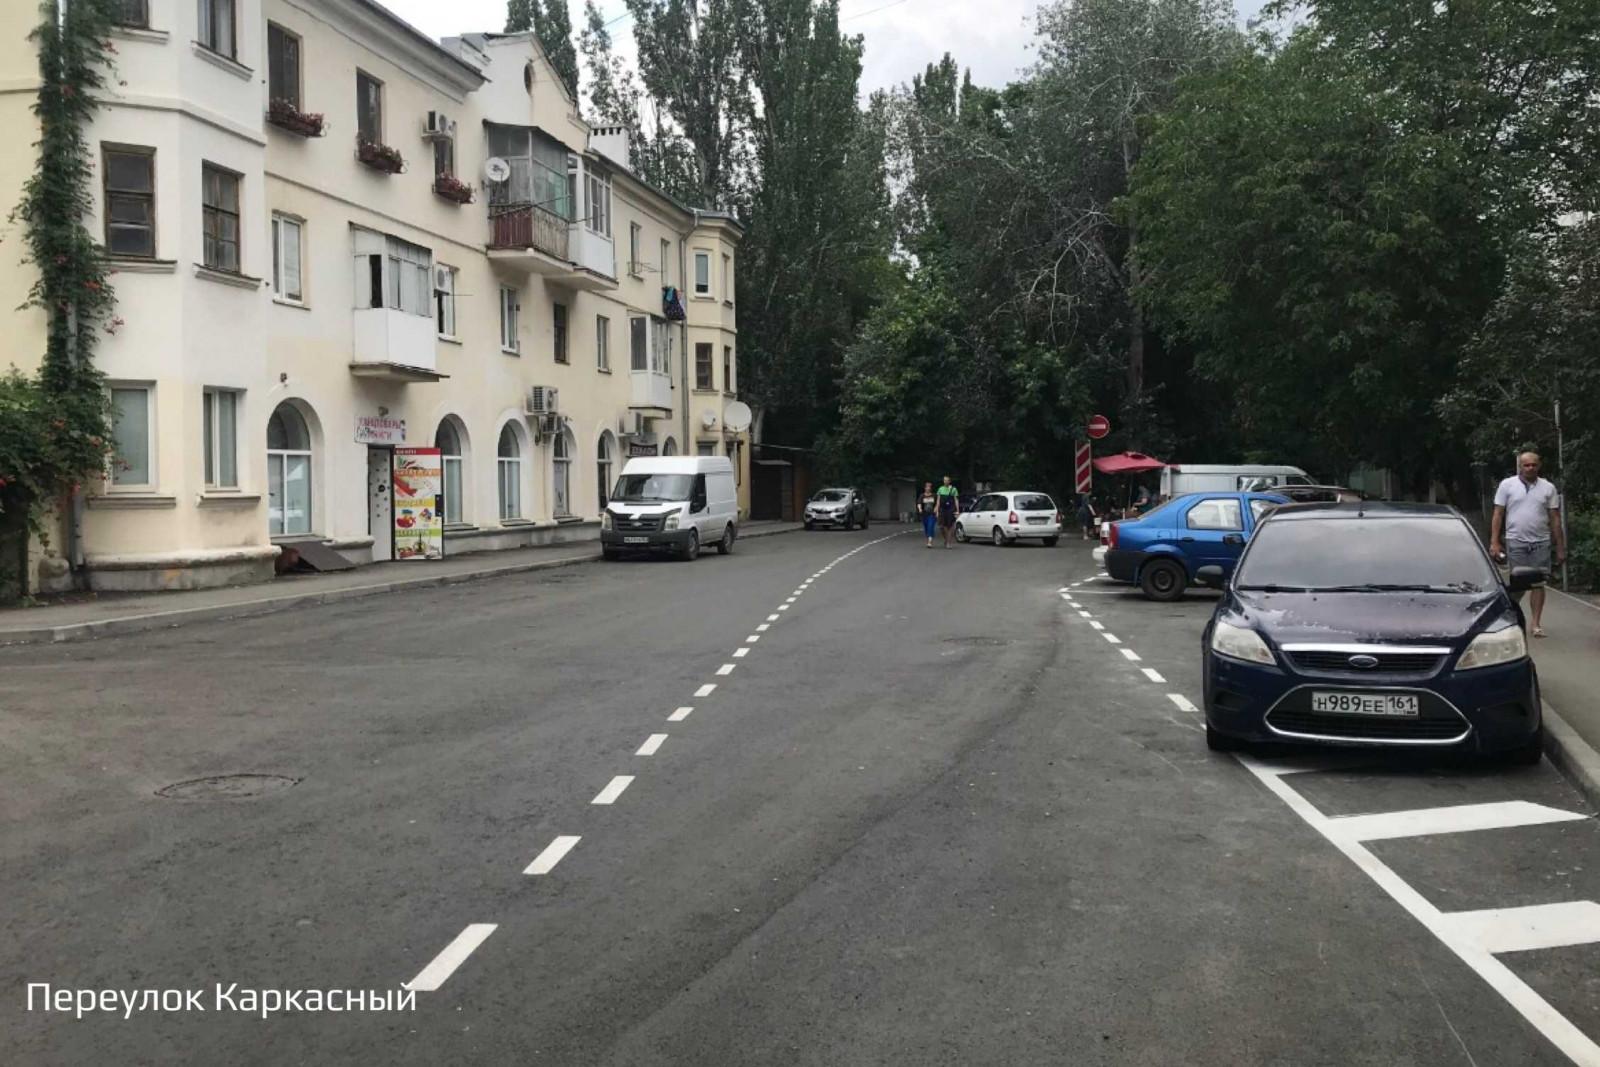 В Таганроге по итогам нацпроекта девять дорог станут безопасными и качественными